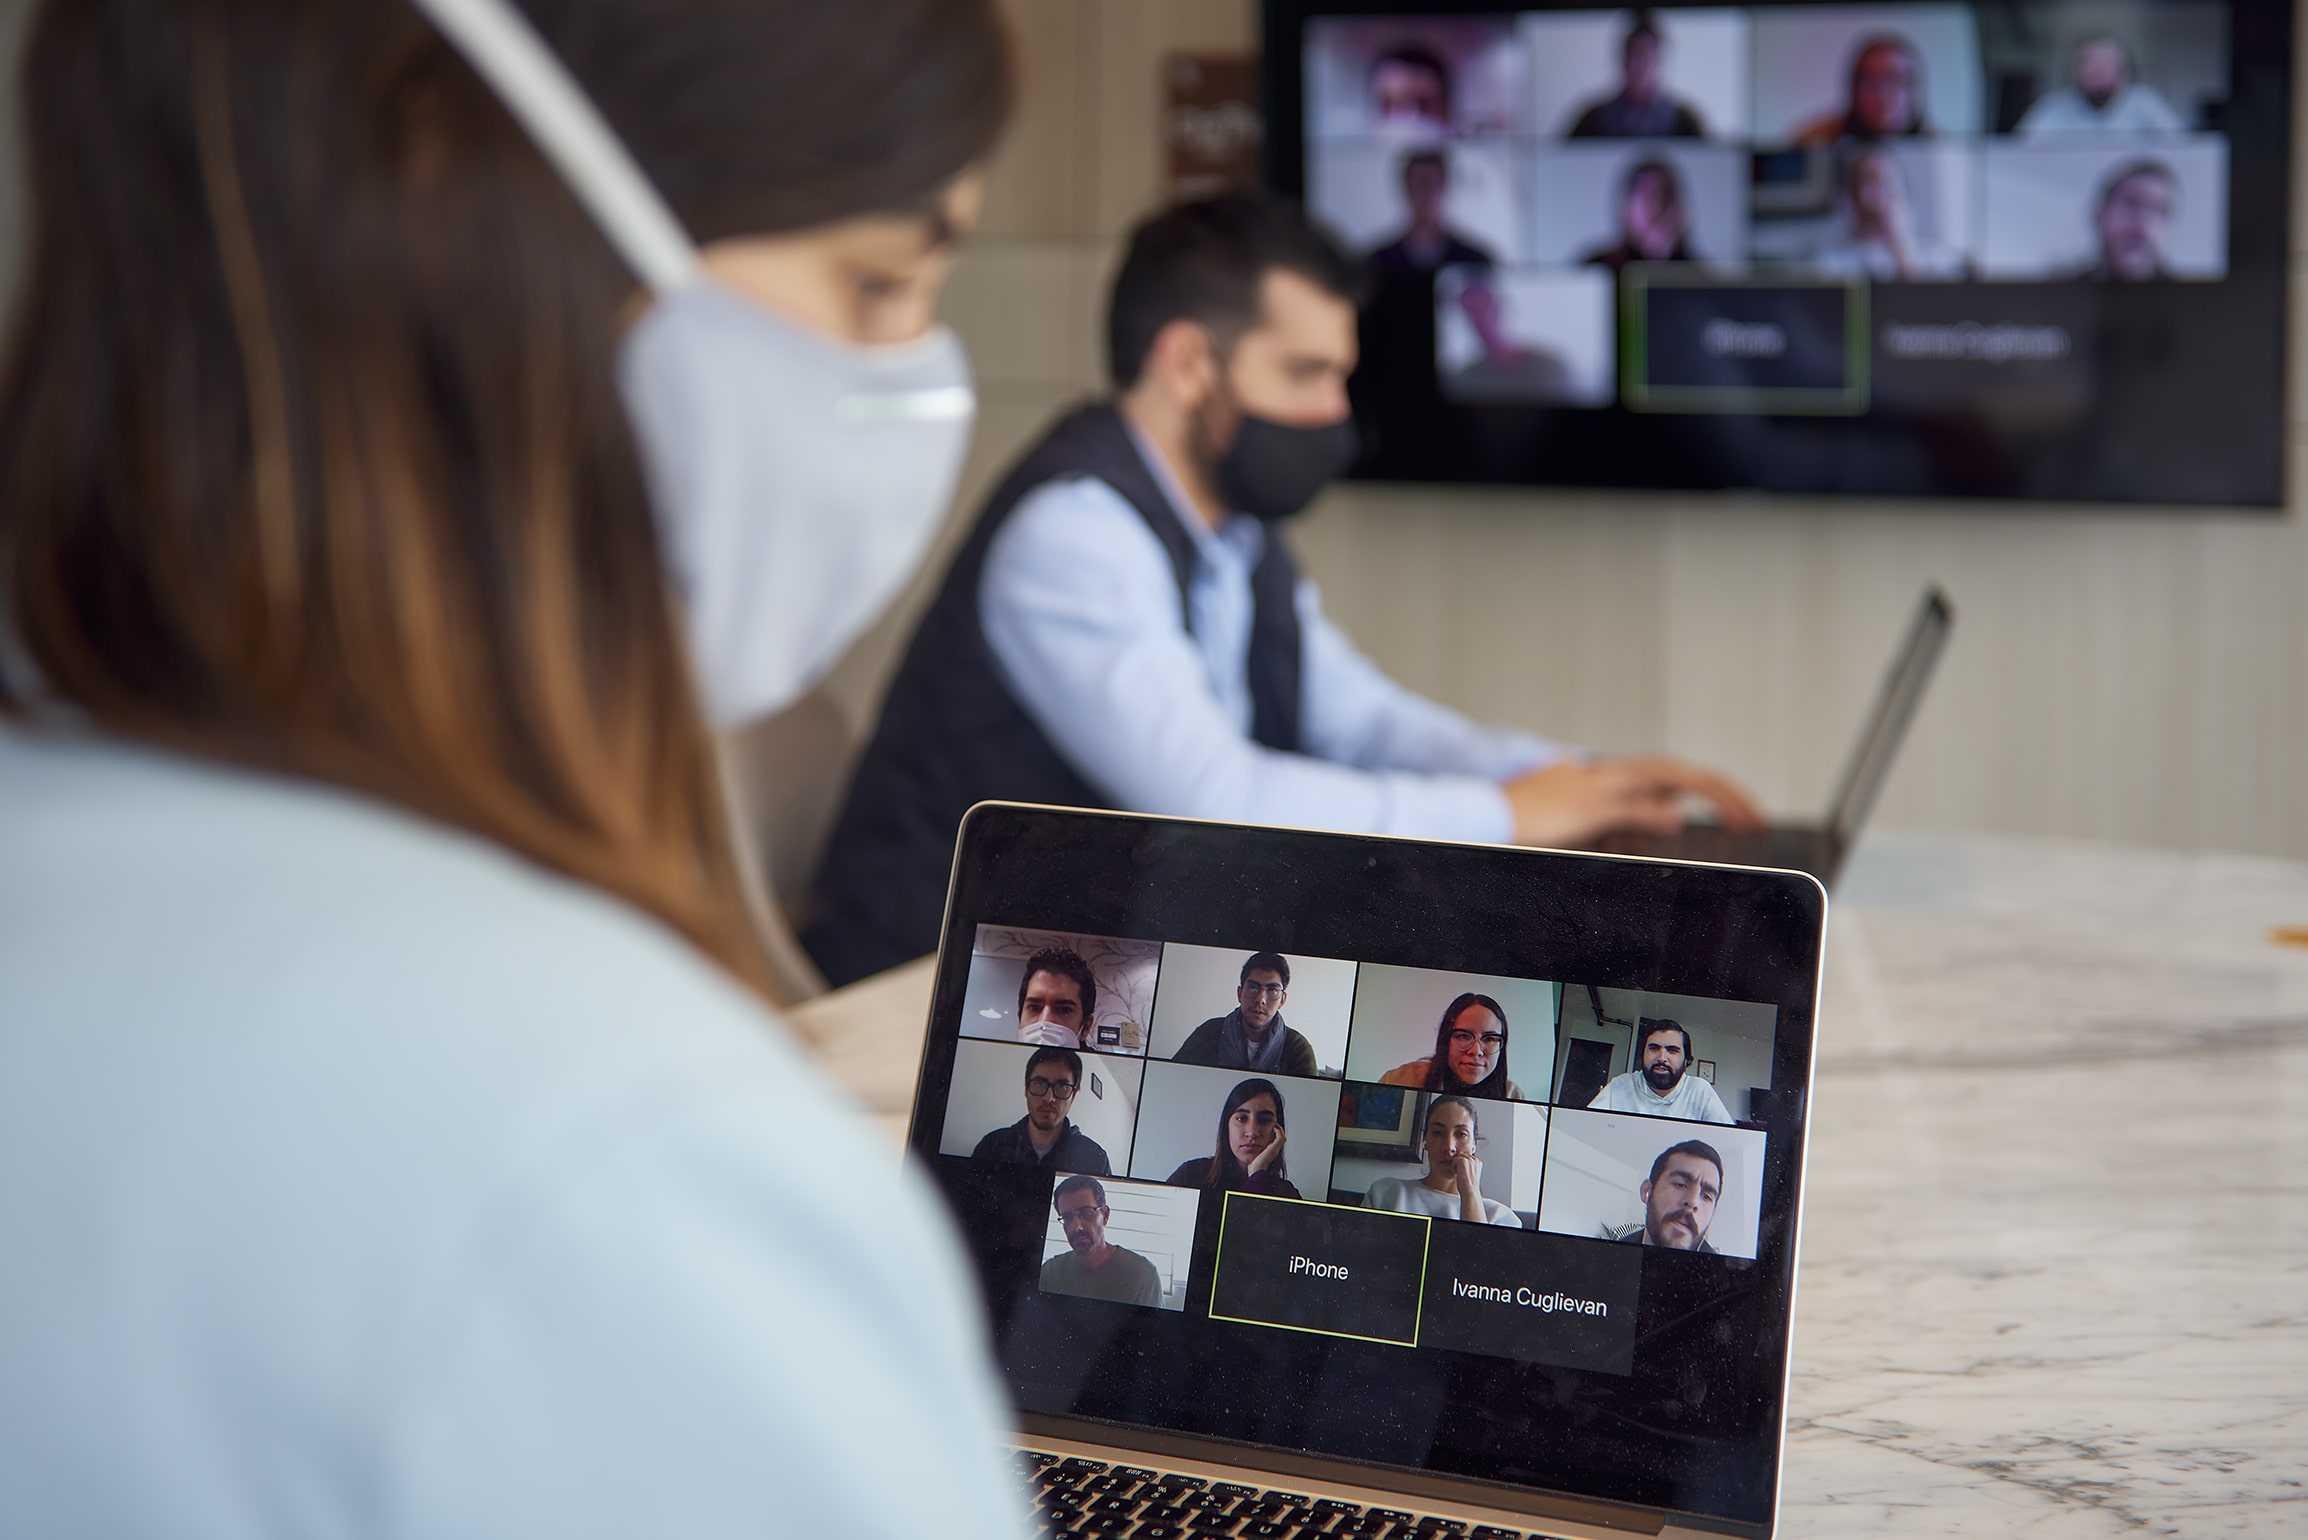 videollamada grupal con personas de distintas localidades